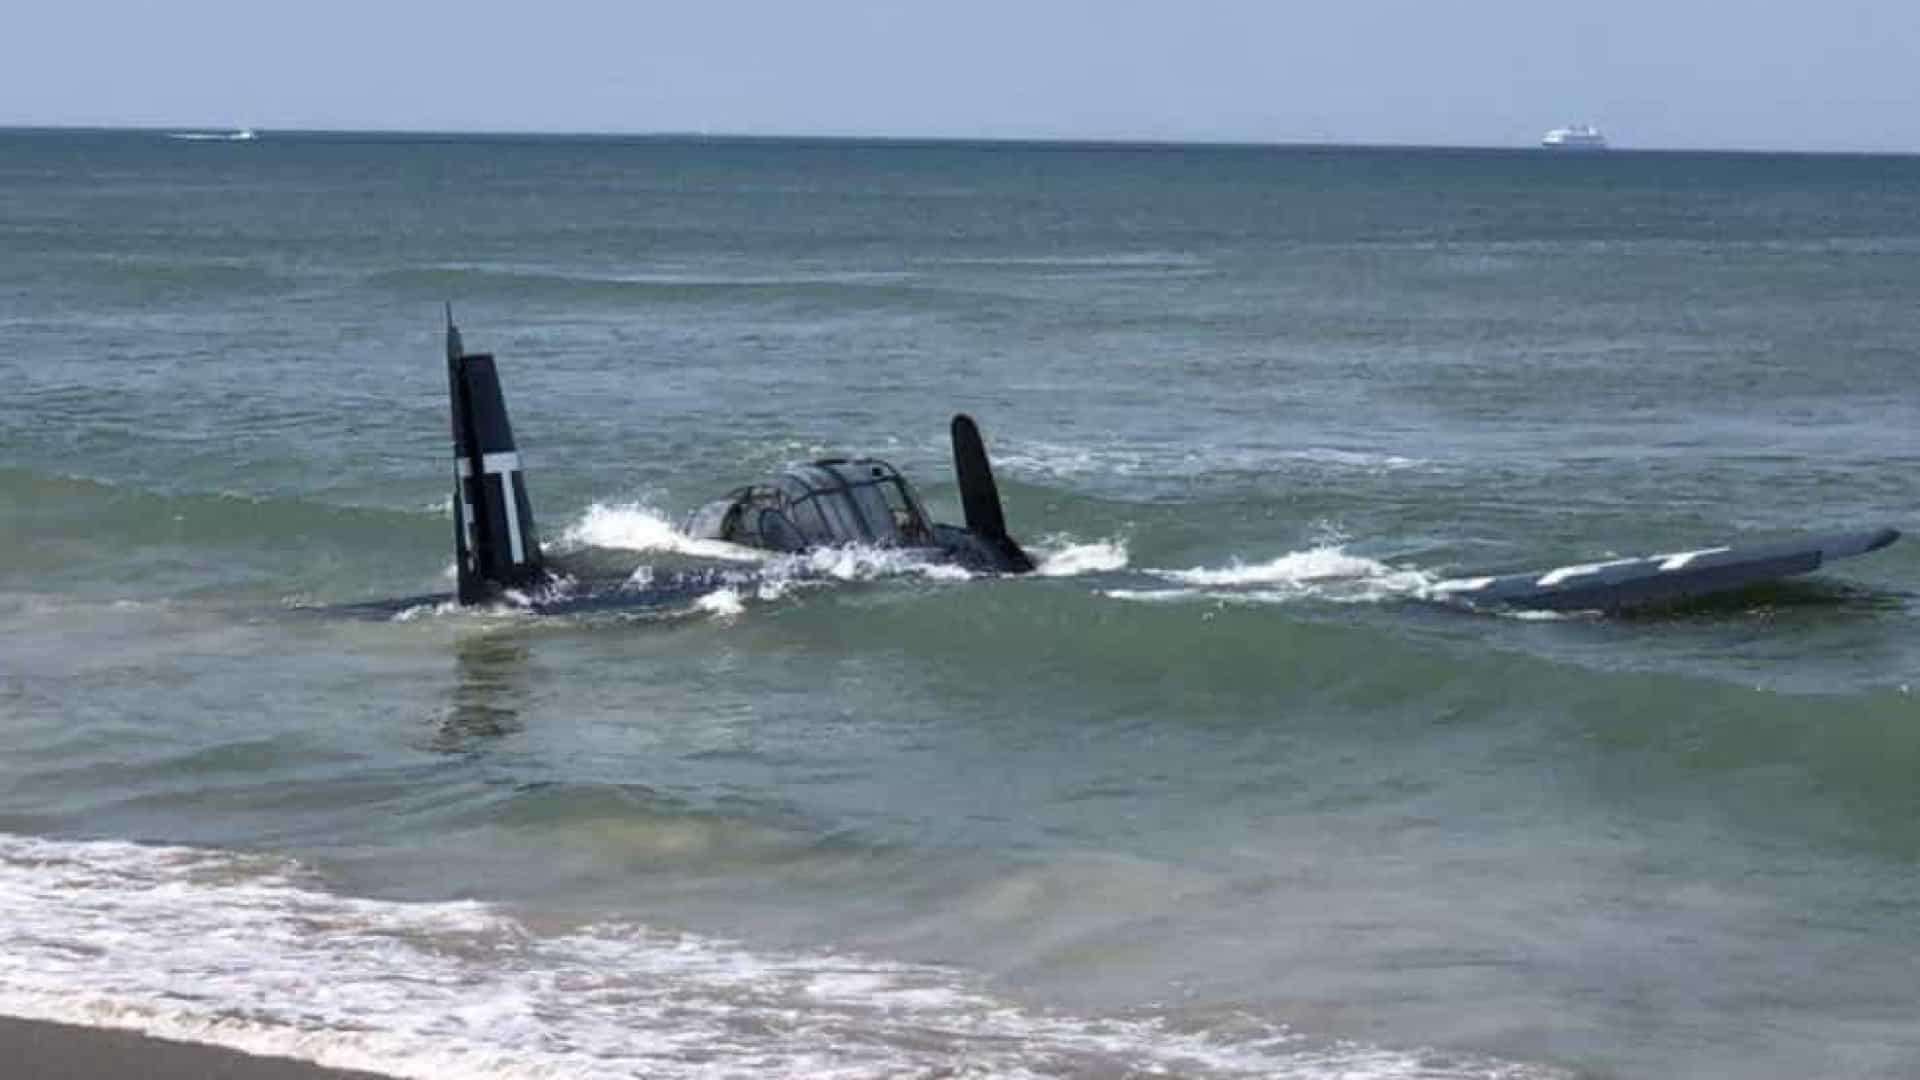 naom 607c3128be750 - SUSTO: piloto faz pouso de emergência no mar durante apresentação - VEJA VÍDEO